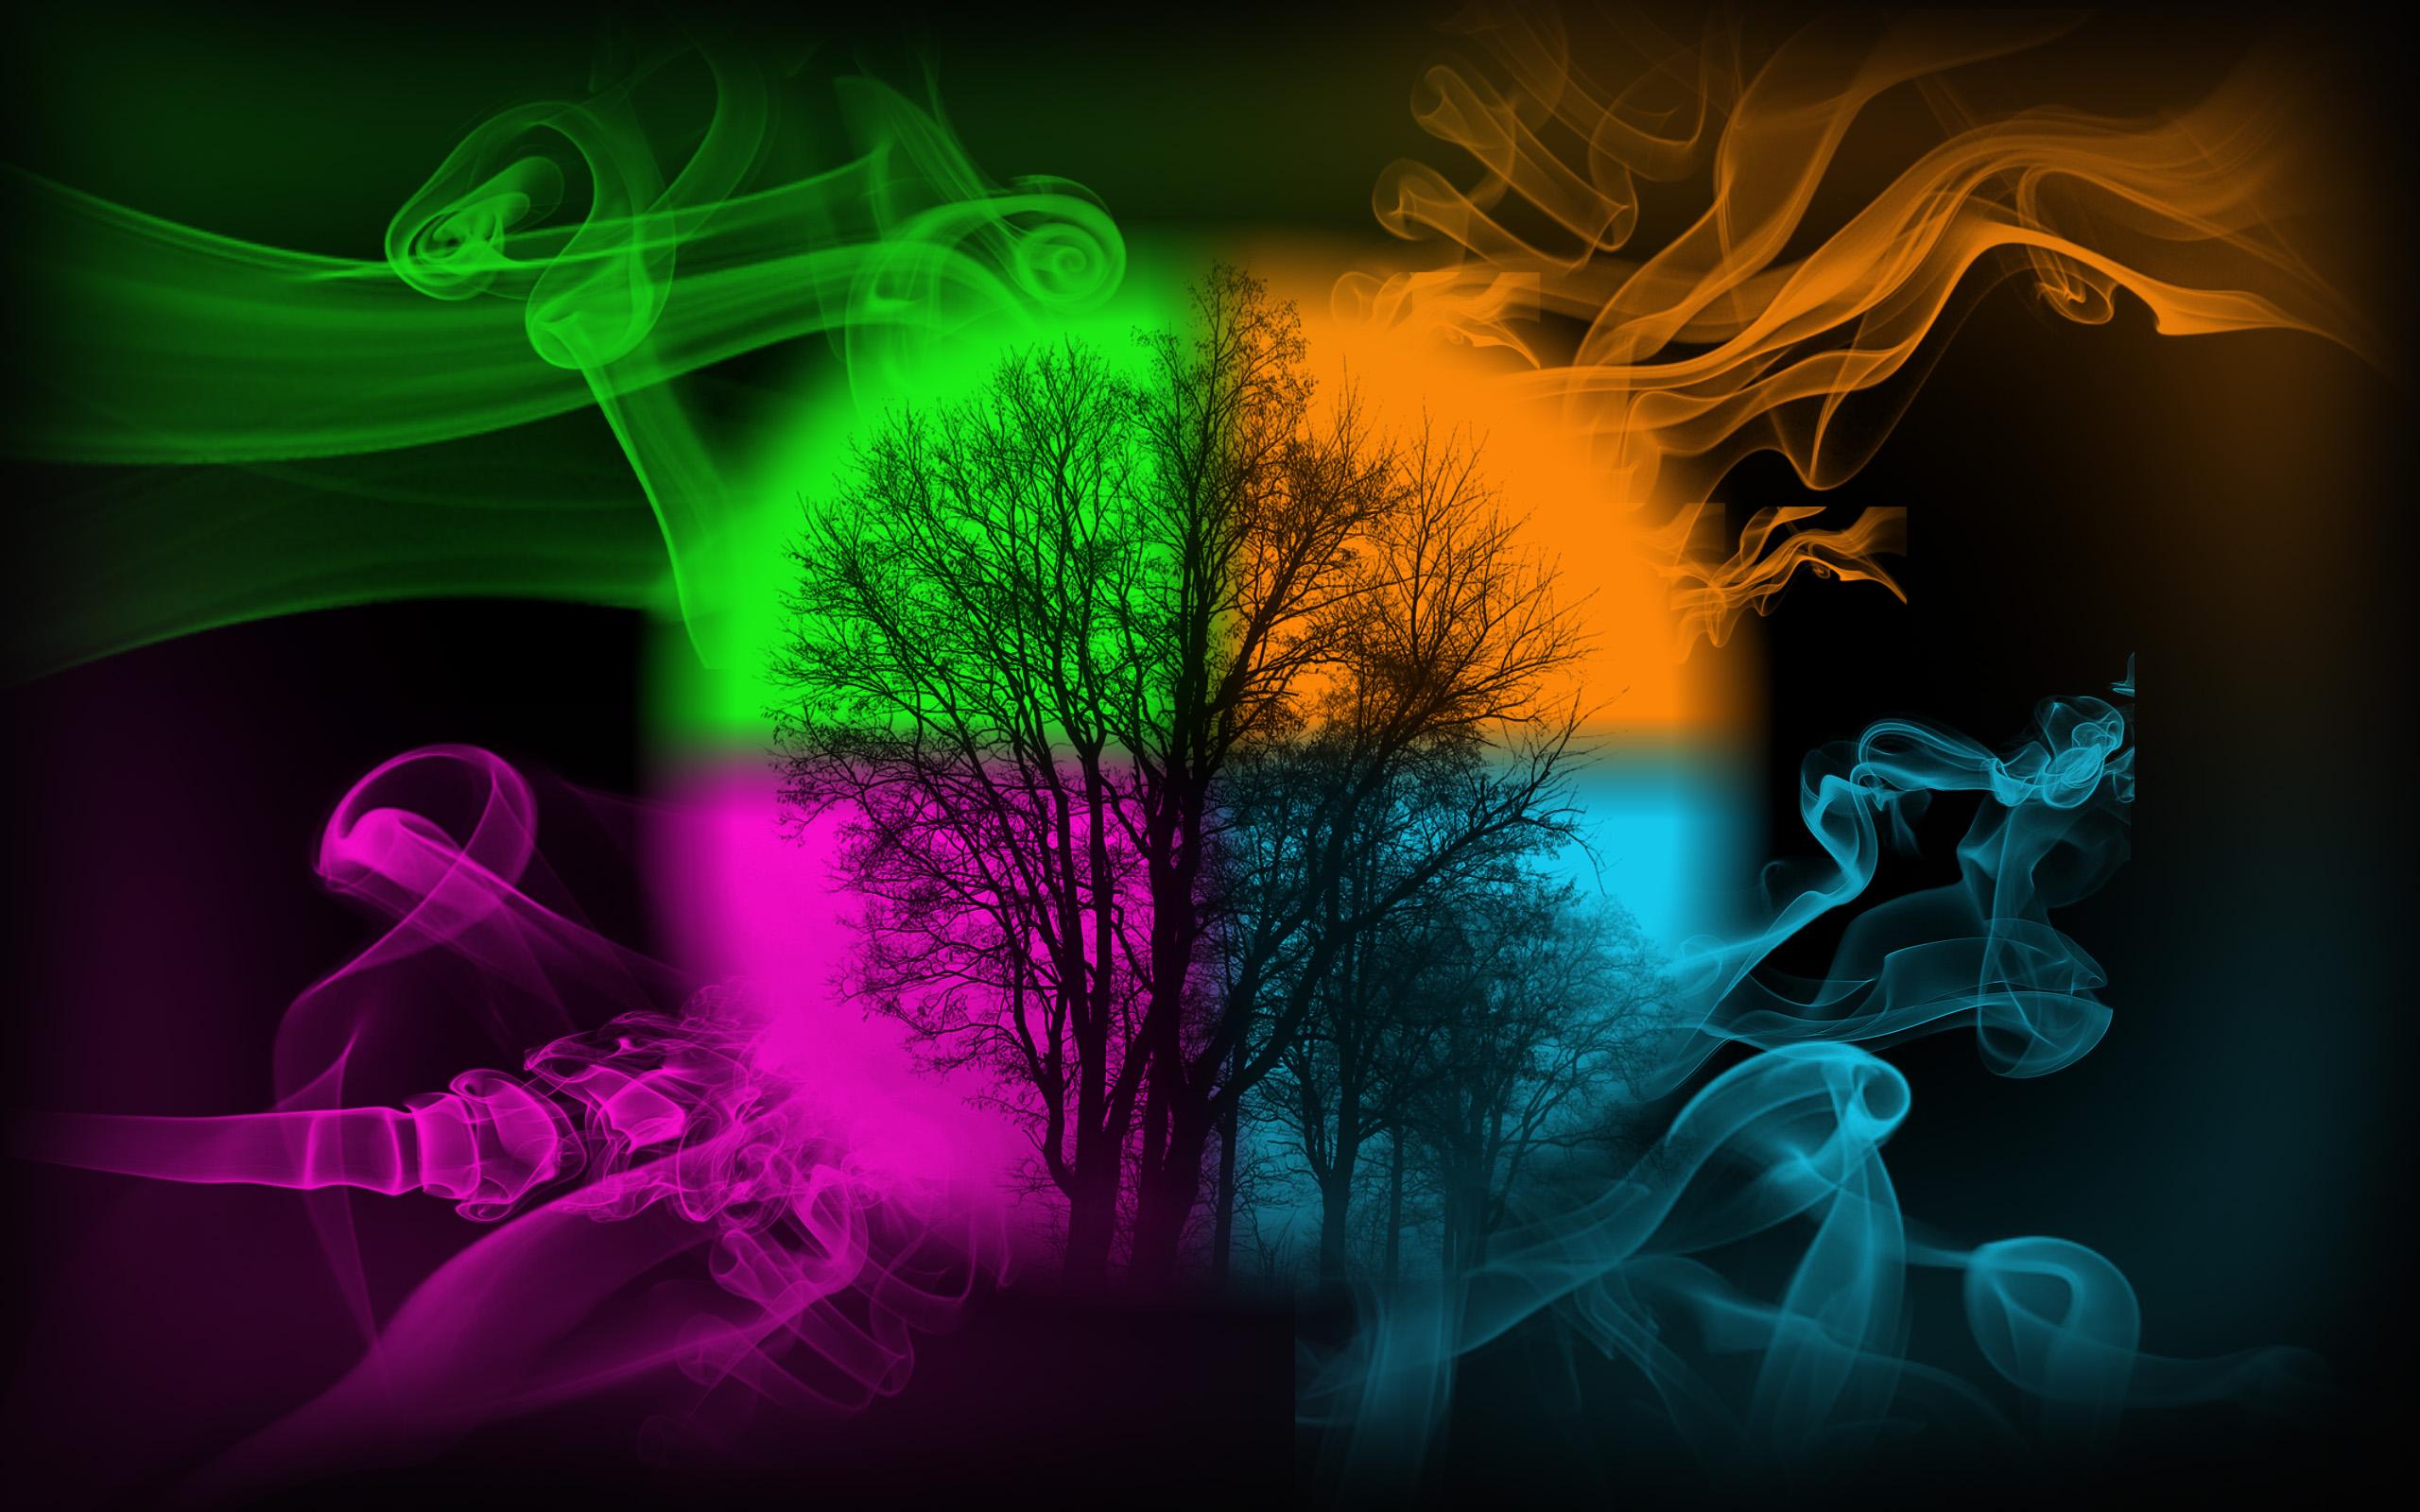 Wallpaper colorful smoke by Meronol 2560x1600